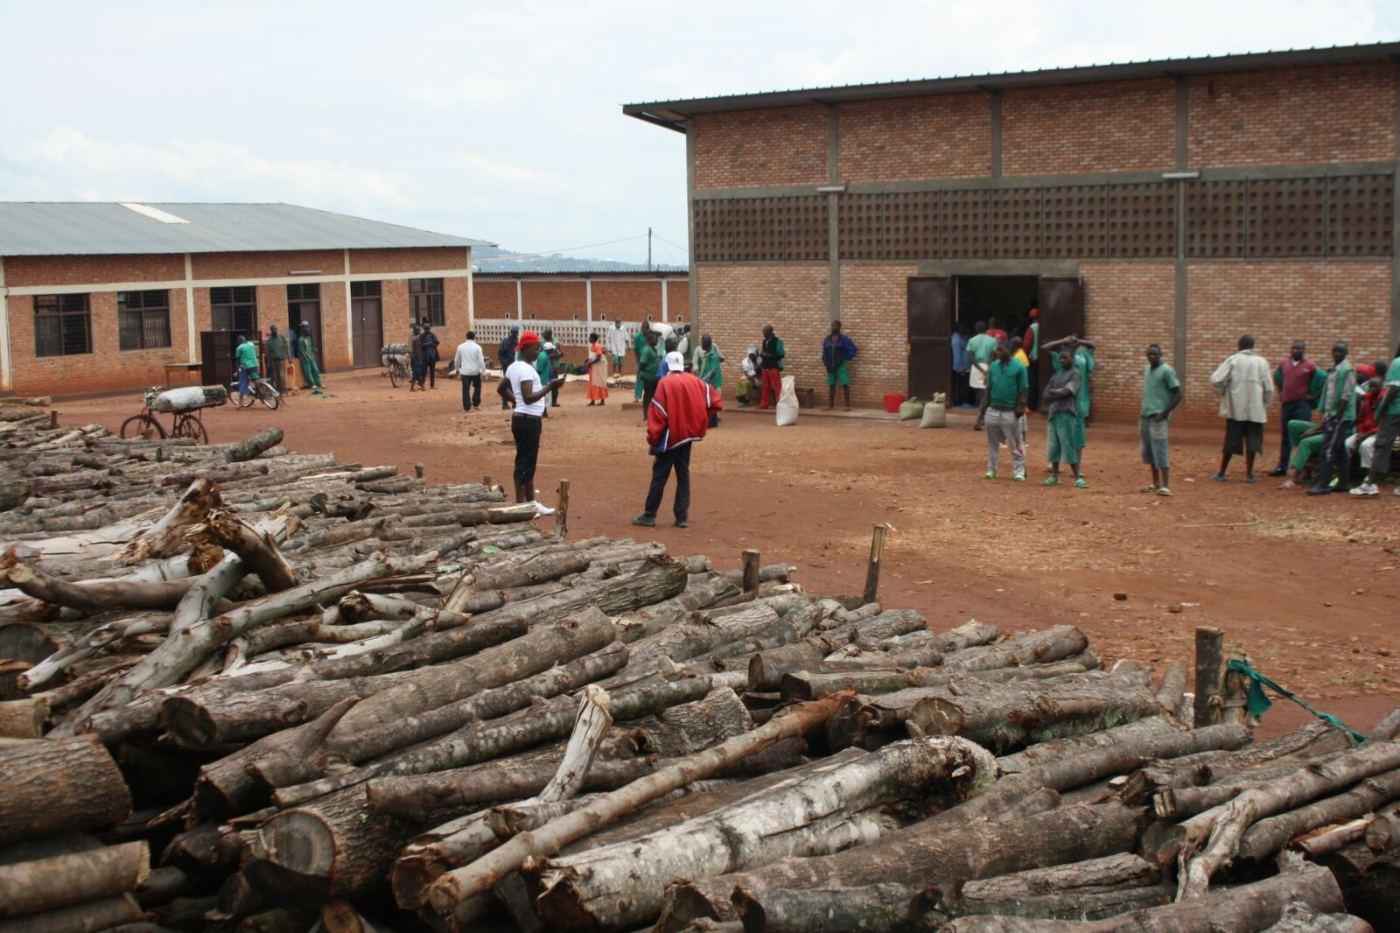 Des détenus dans la cour de la prison de Ngozi